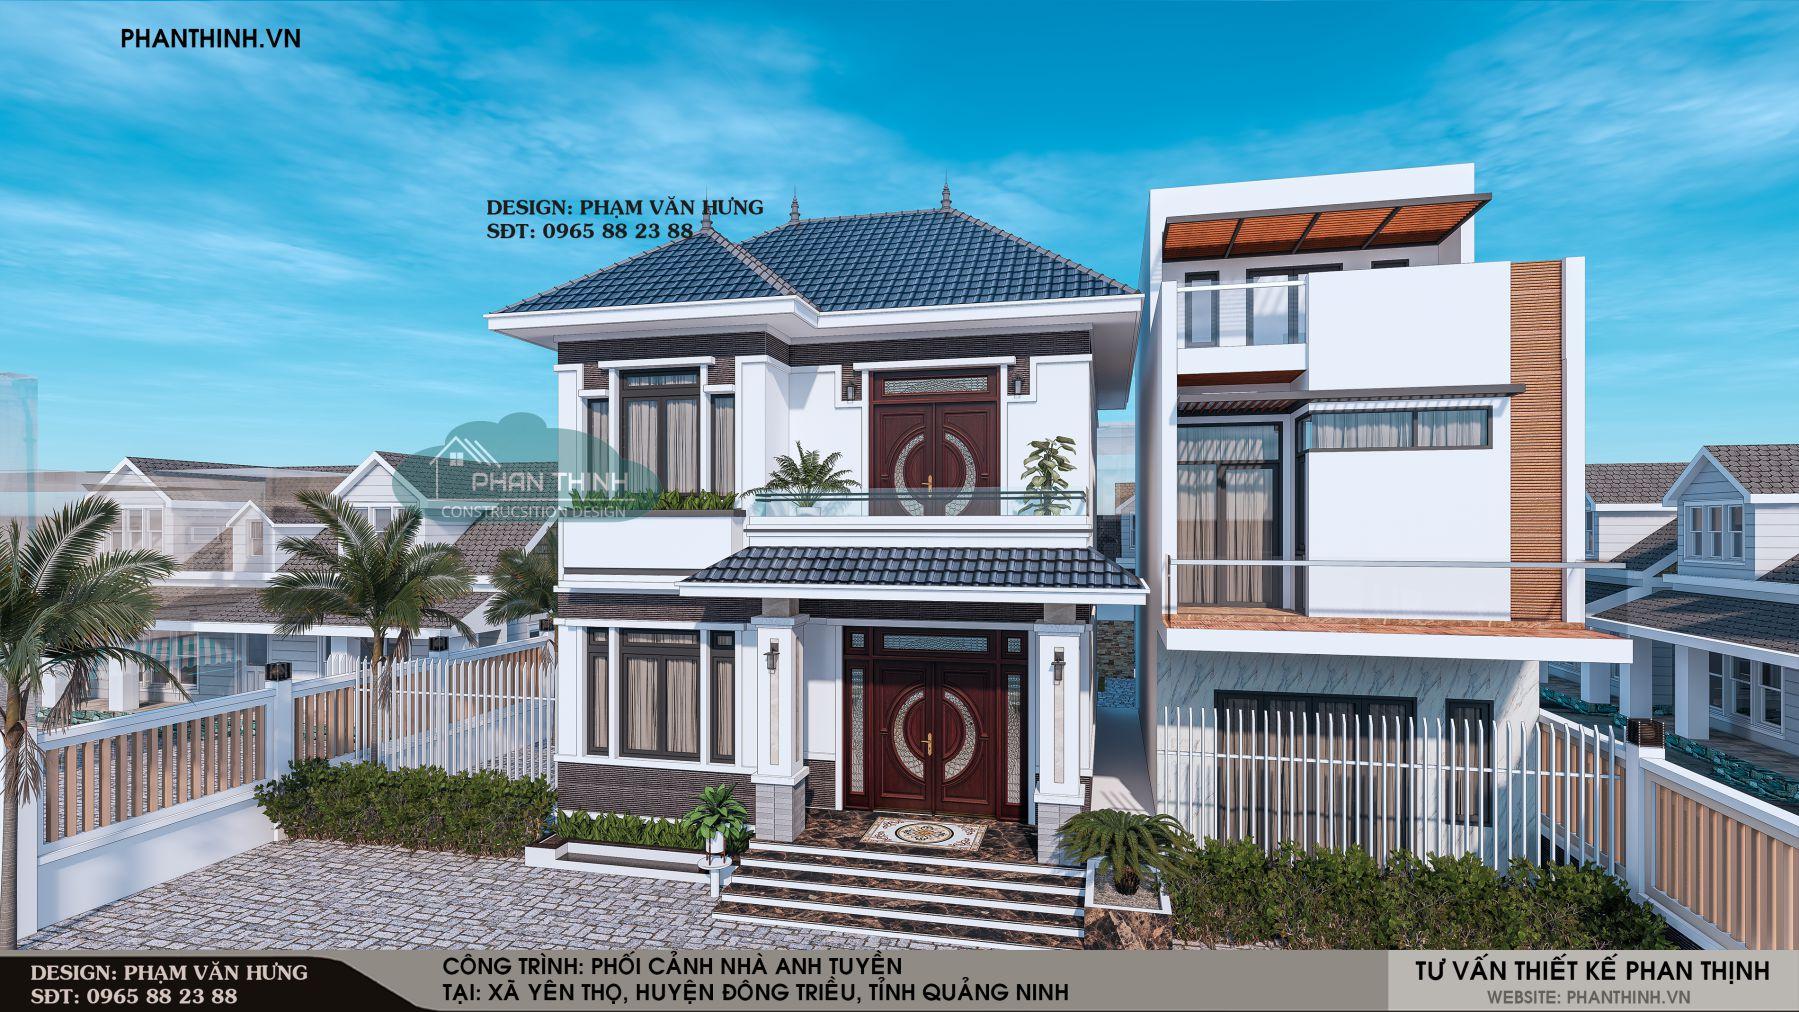 Phối cảnh mặt tiền biệt thự 2 tầng đẹp tại Quảng Ninh